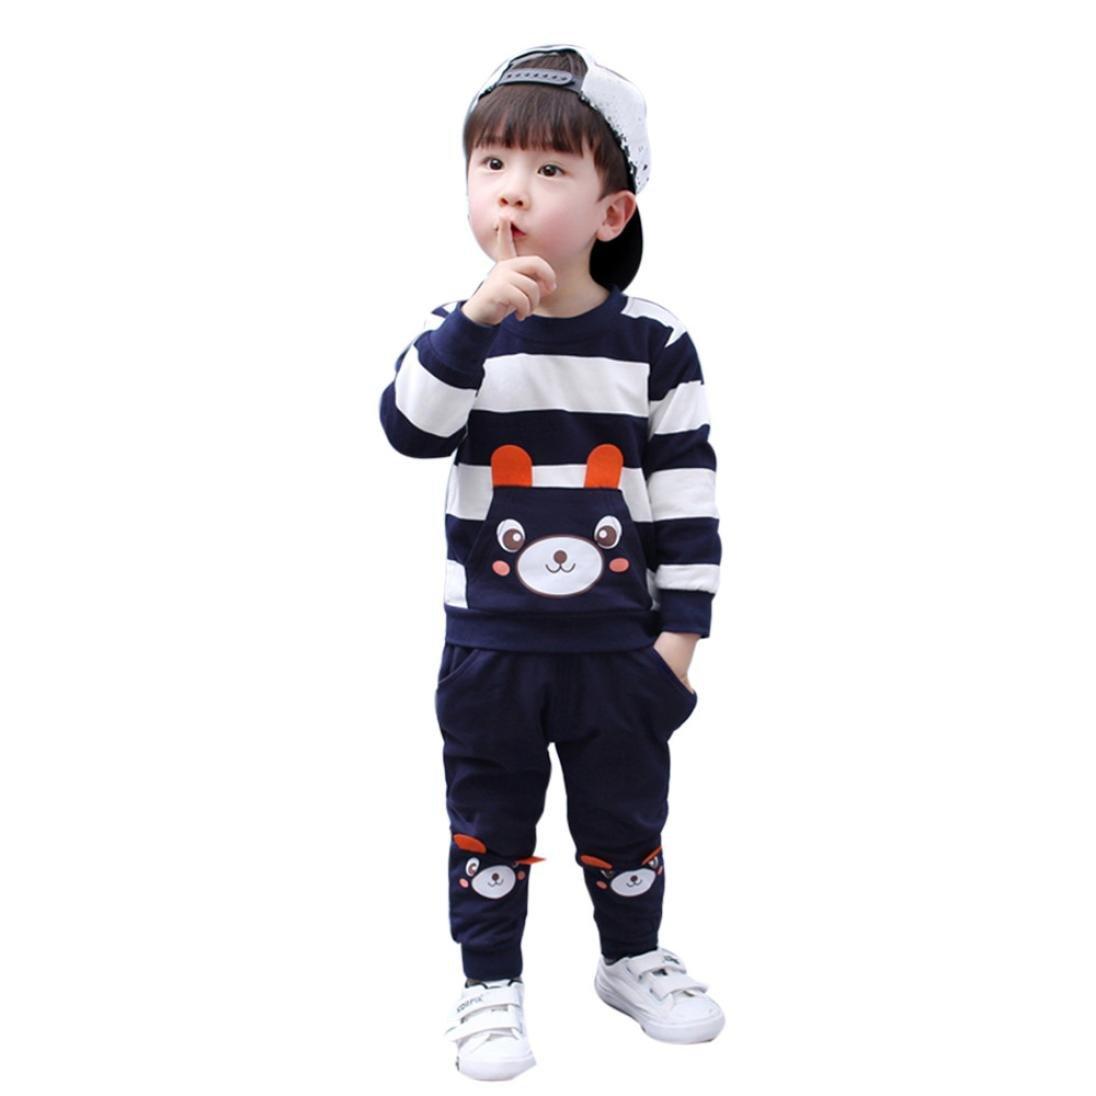 K-youth® Ropa bebe niño otoño invierno Infantil recien nacido Bebé Niño Patrón de panda Tapas manga larga Camisetas blusas + Pantalones largos Conjuntos de ropa Bluestercool01